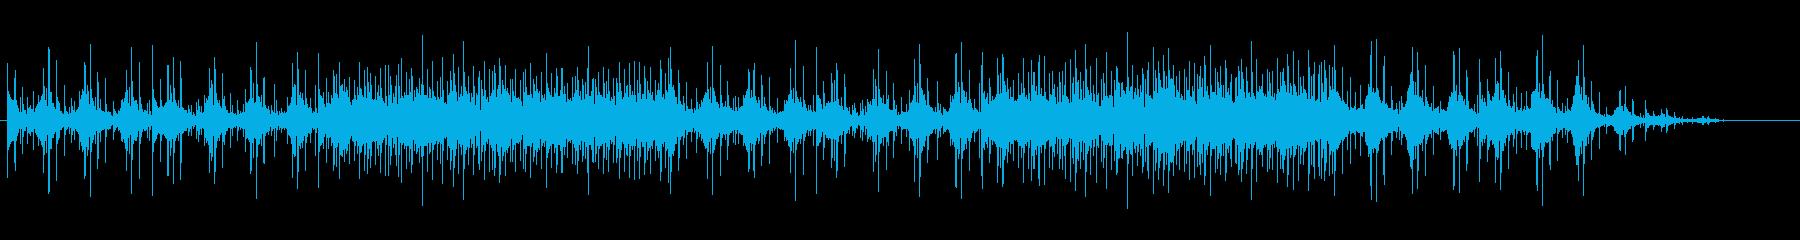 大人な雰囲気のコミカルタッチなサックス曲の再生済みの波形